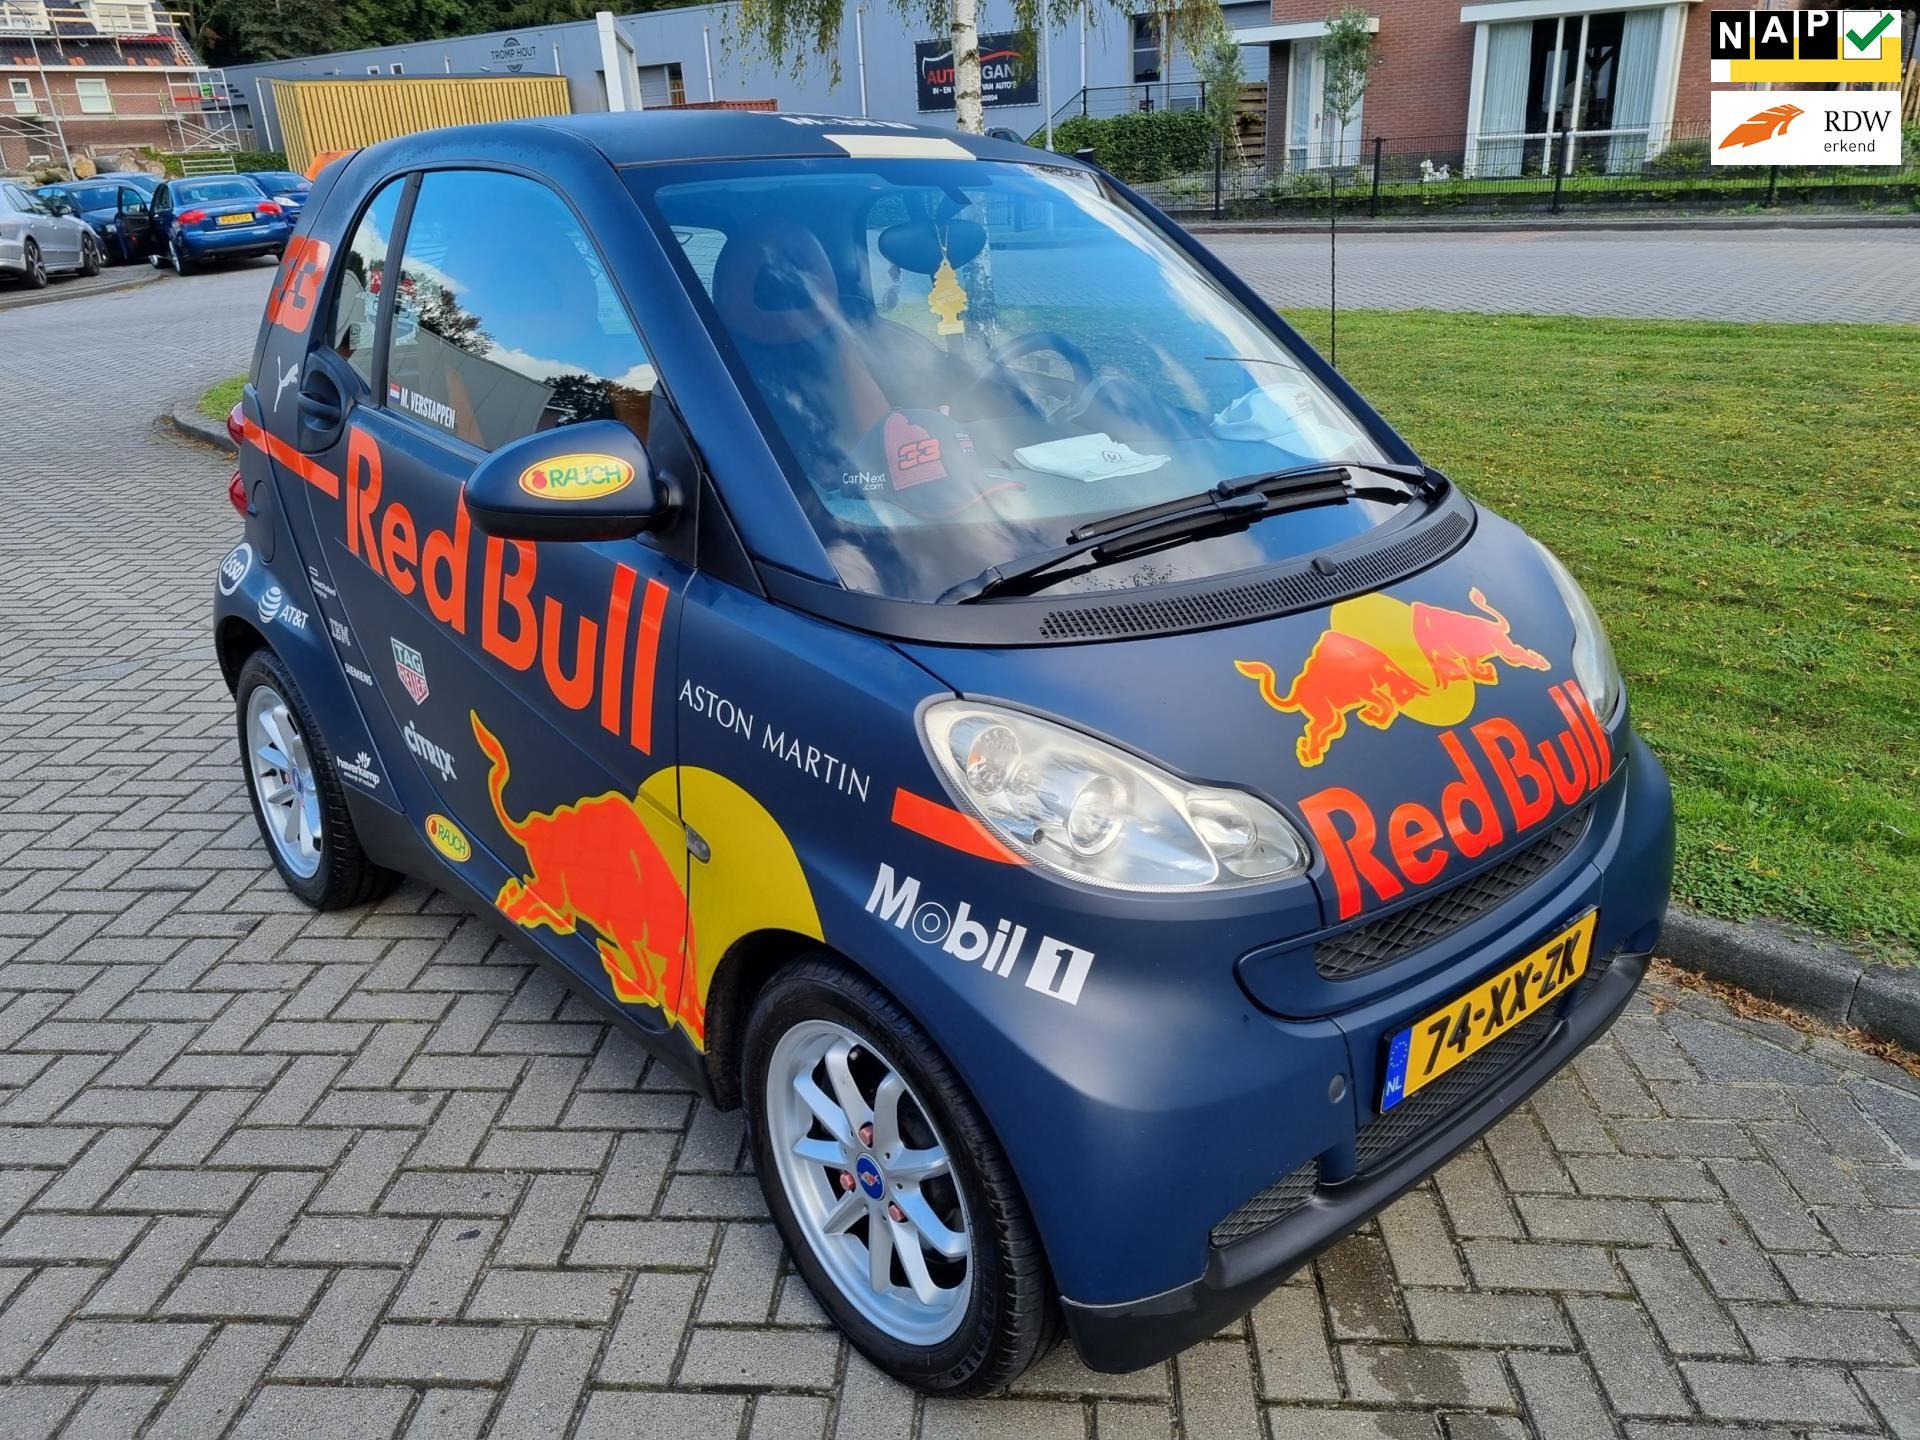 Smart Fortwo coupé reb bull zeer mooi occasion - v.d. Weg Auto's